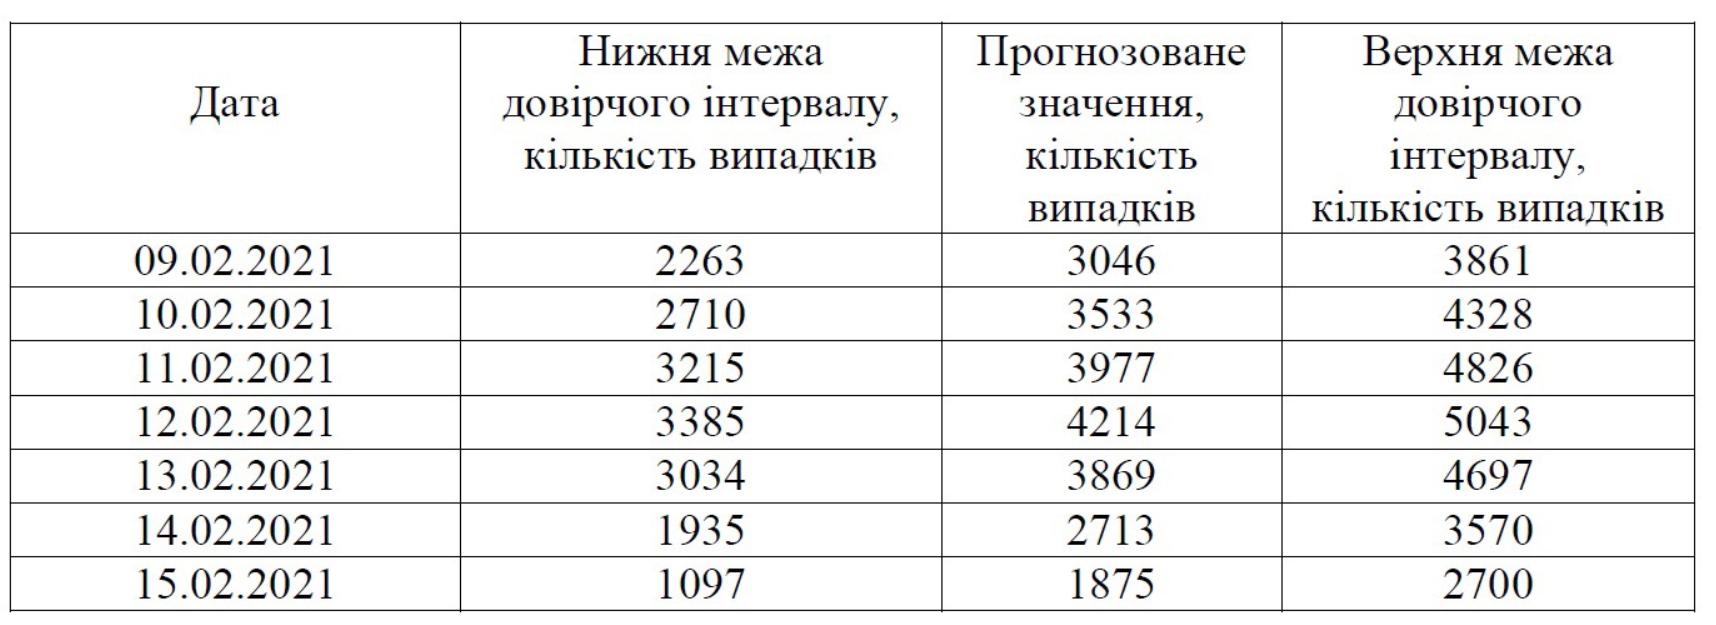 Прогноз количества новых подтвержденных случаев больных COVID-19 в Украине по модели с учетом влияния аномальных дат